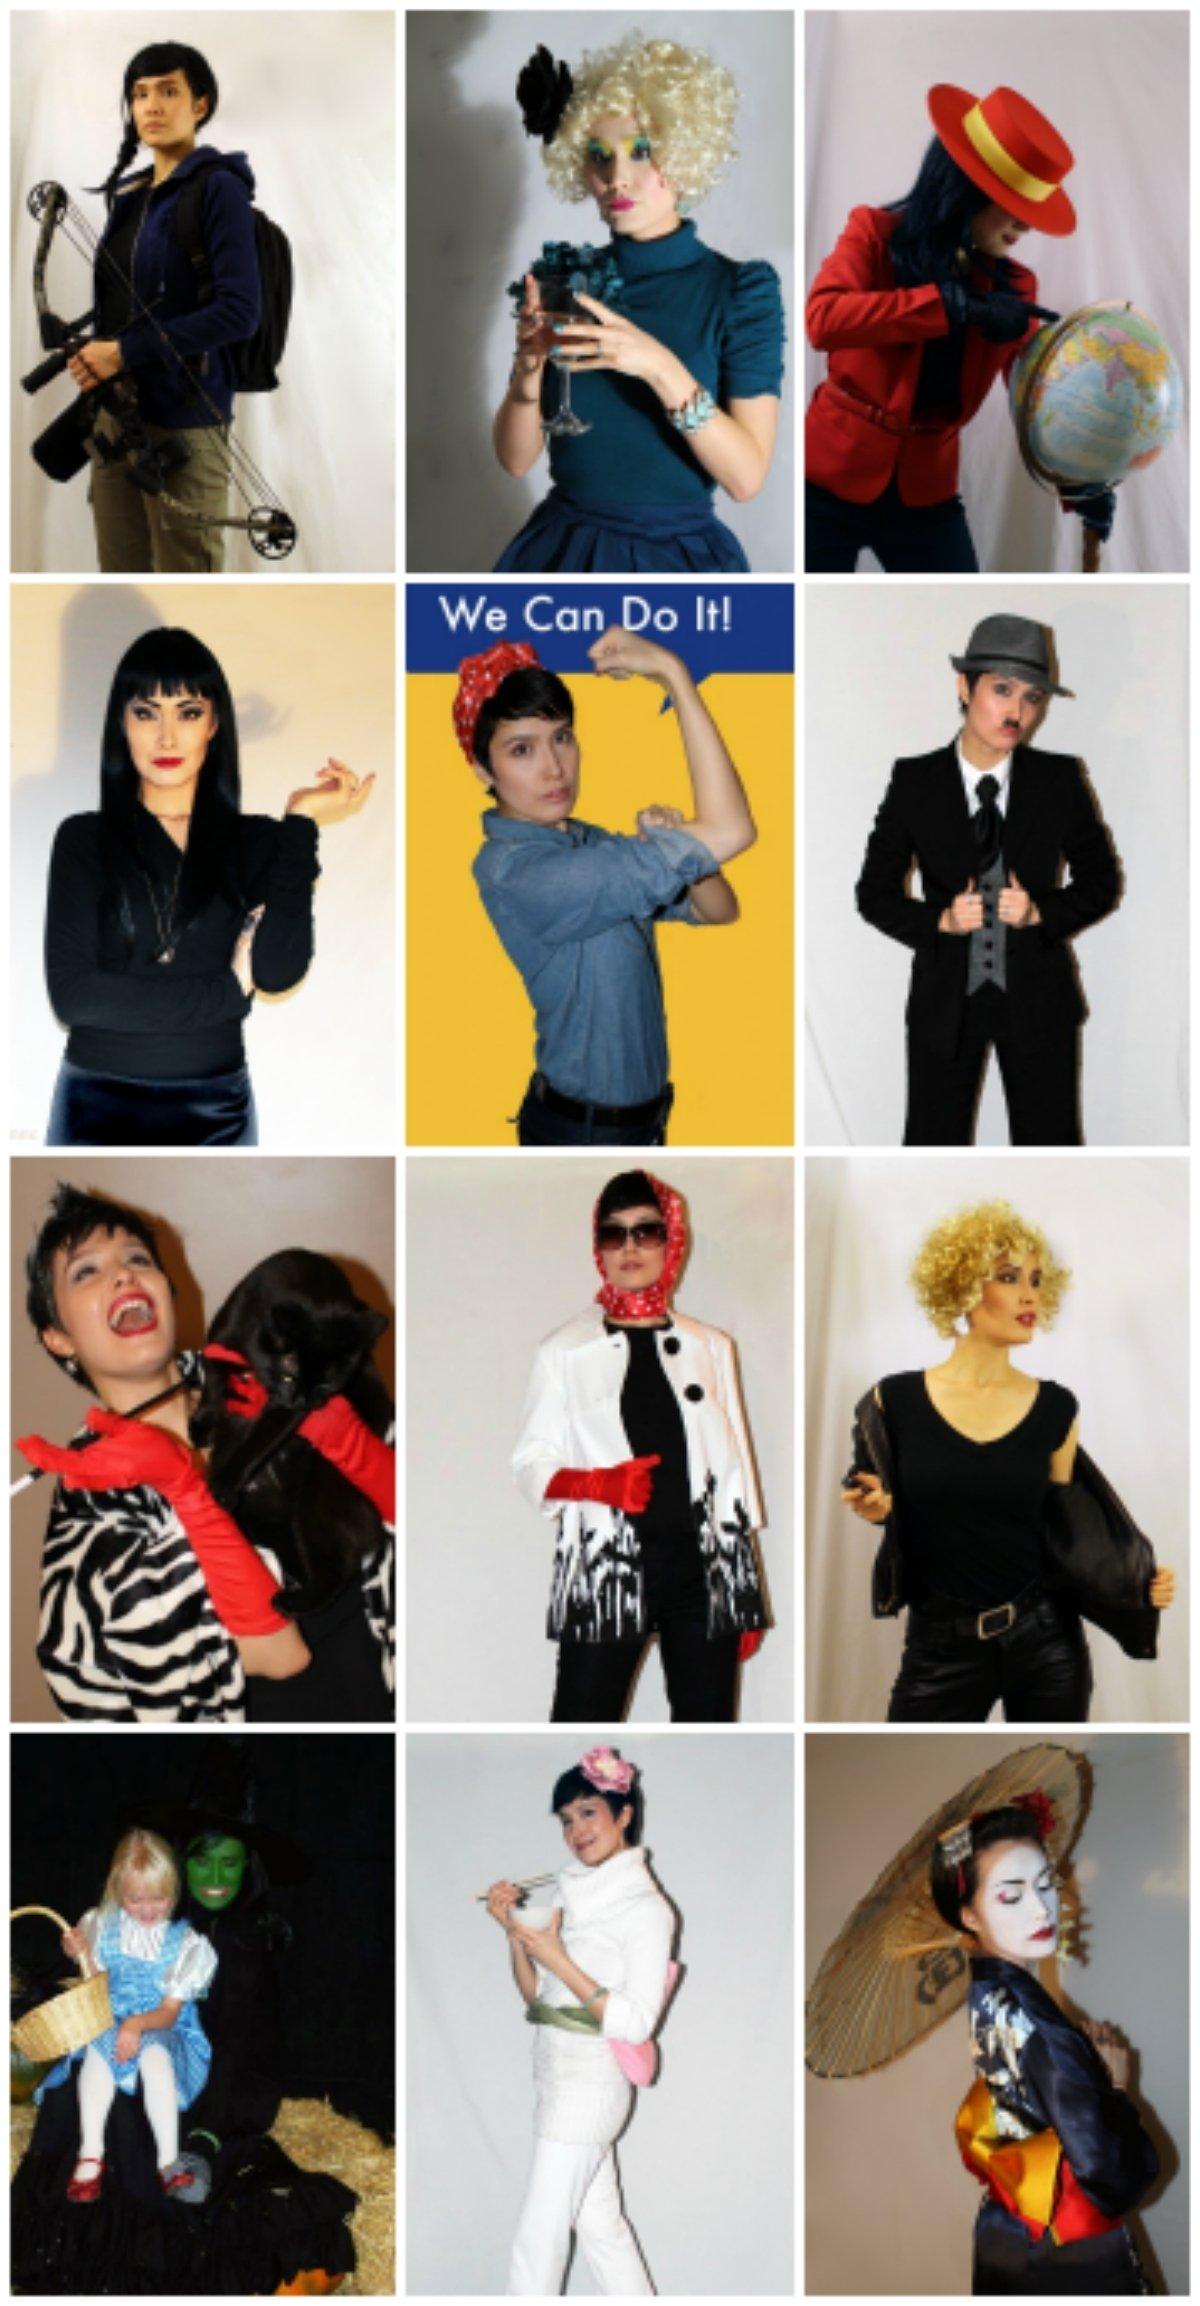 10 Elegant Quick Easy Halloween Costume Ideas 12 easy halloween costumes from your closet halloween costume link 5